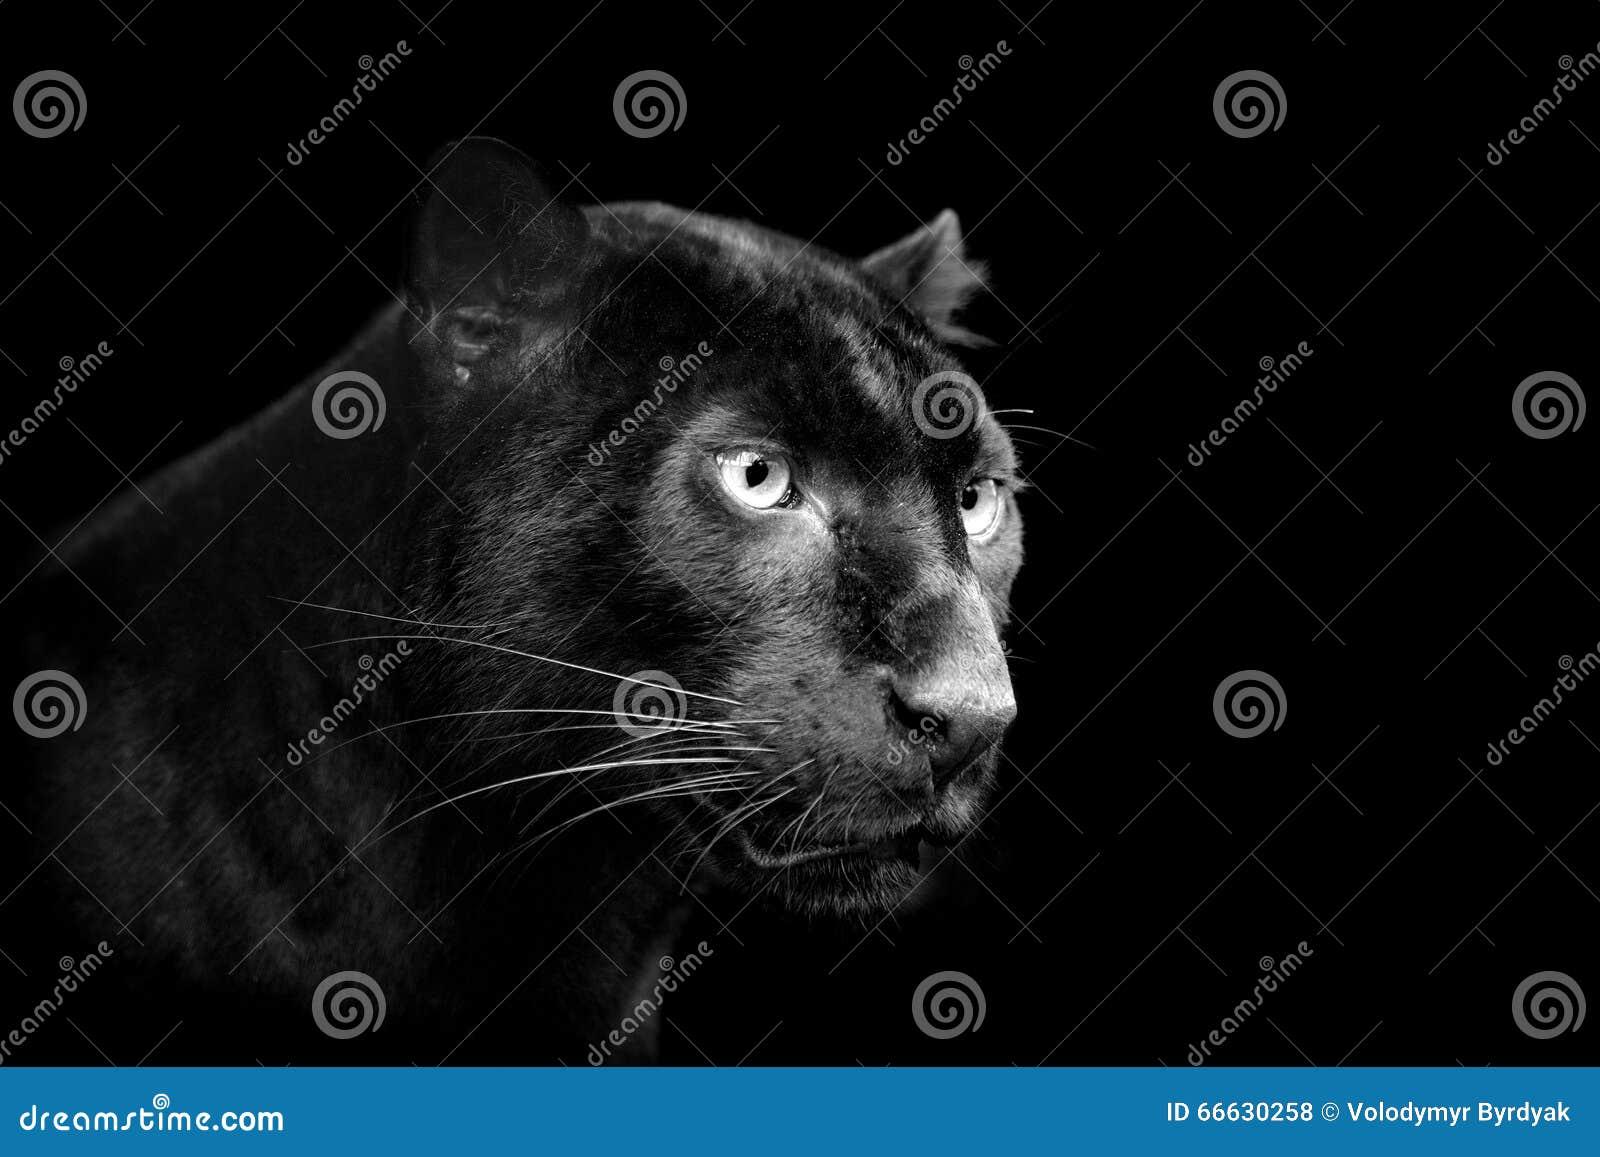 5e69ceb9b78d5a Zwarte Luipaard Op Donkere Achtergrond Stock Foto - Afbeelding ...